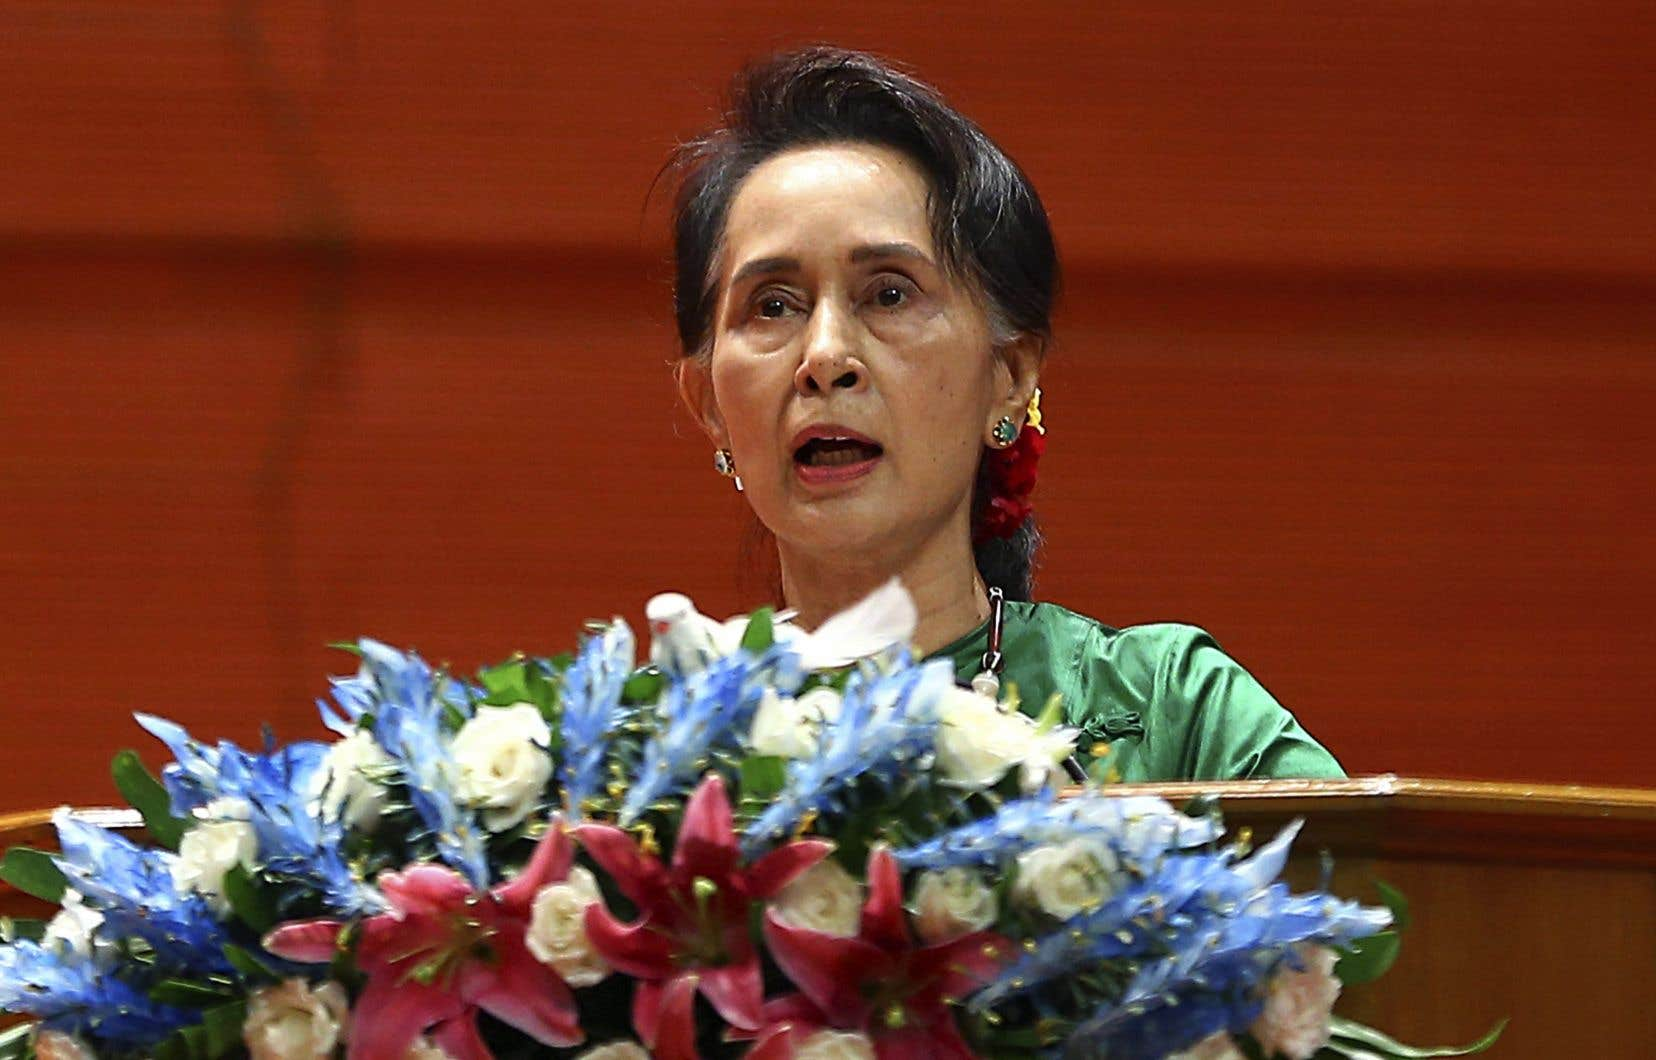 Les critiques d'Aung San Suu Kyi lui reprochent d'avoir fermé les yeux sur les violences commises par l'armée birmane contre la minorité musulmane rohingya.